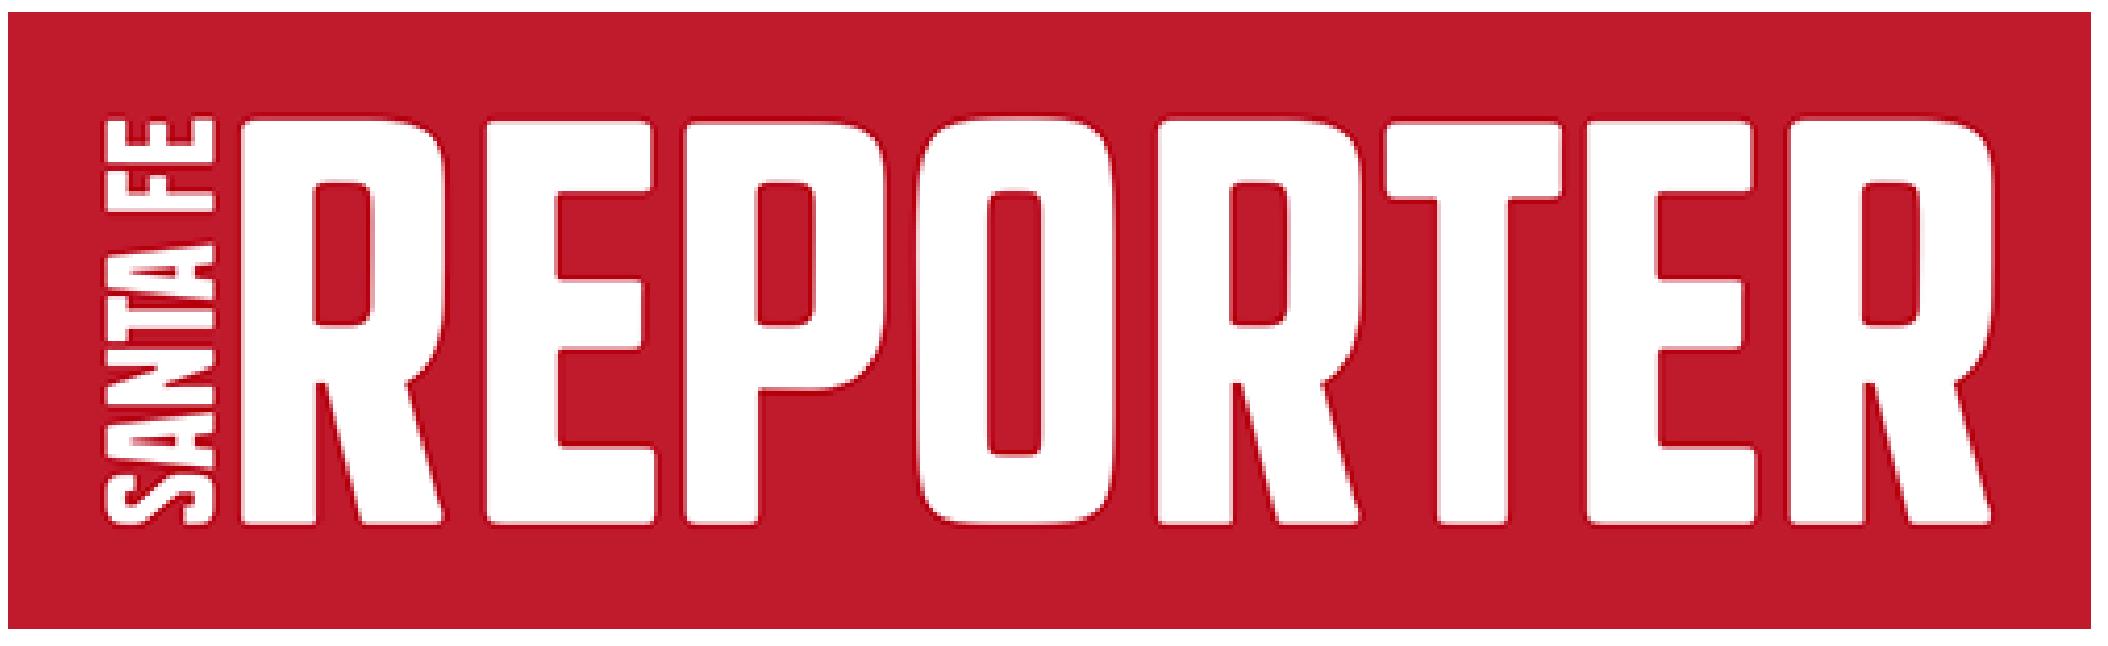 Santa Fe Reporter logo